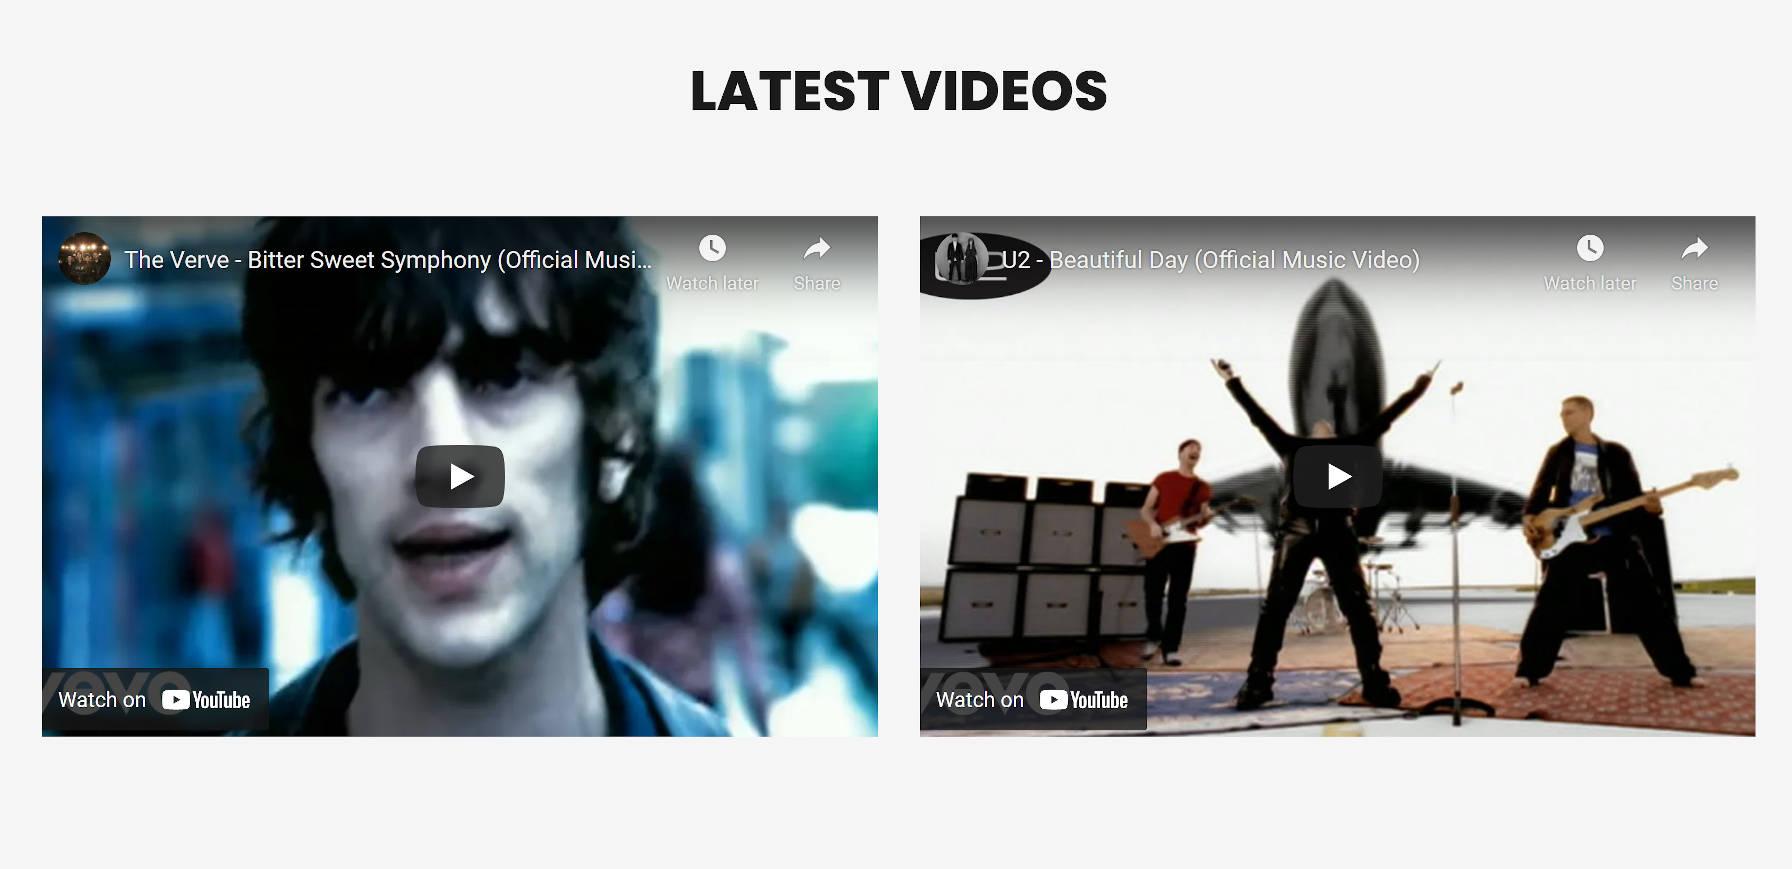 Une section avec deux colonnes, chacune avec une vidéo YouTube intégrée.